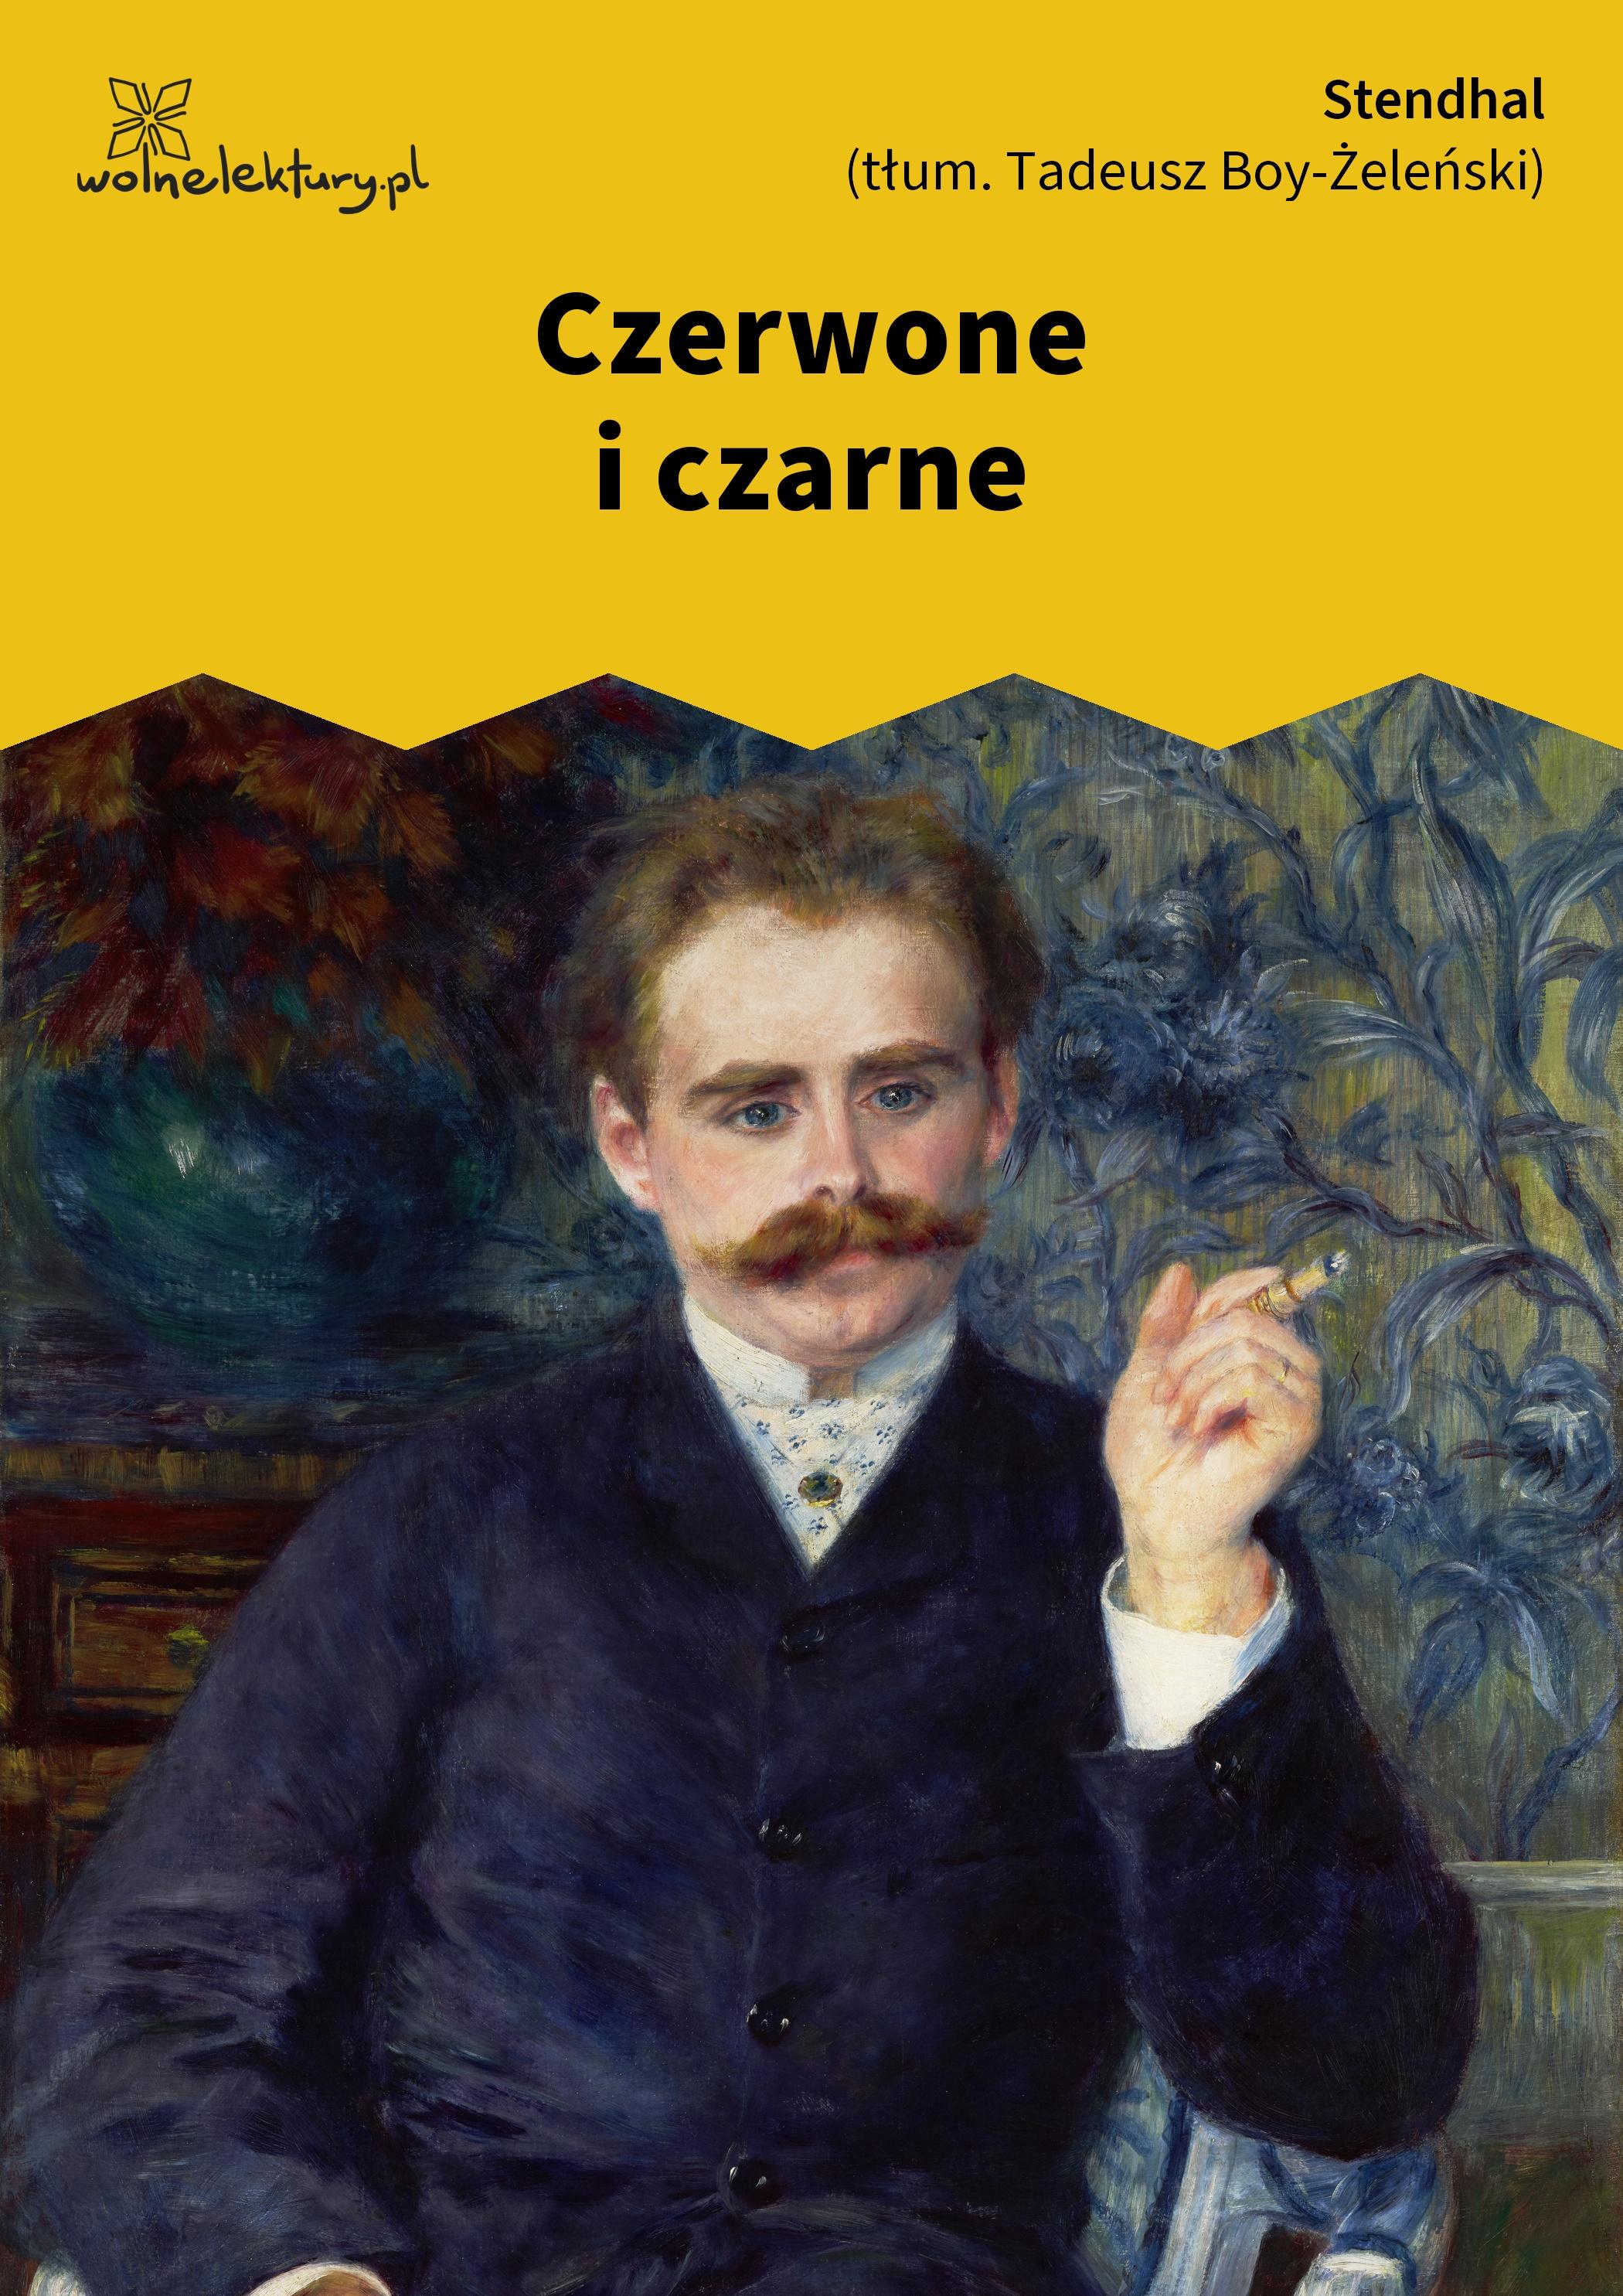 bd2e2d43b5586 Stendhal, Czerwone i czarne :: Wolne Lektury